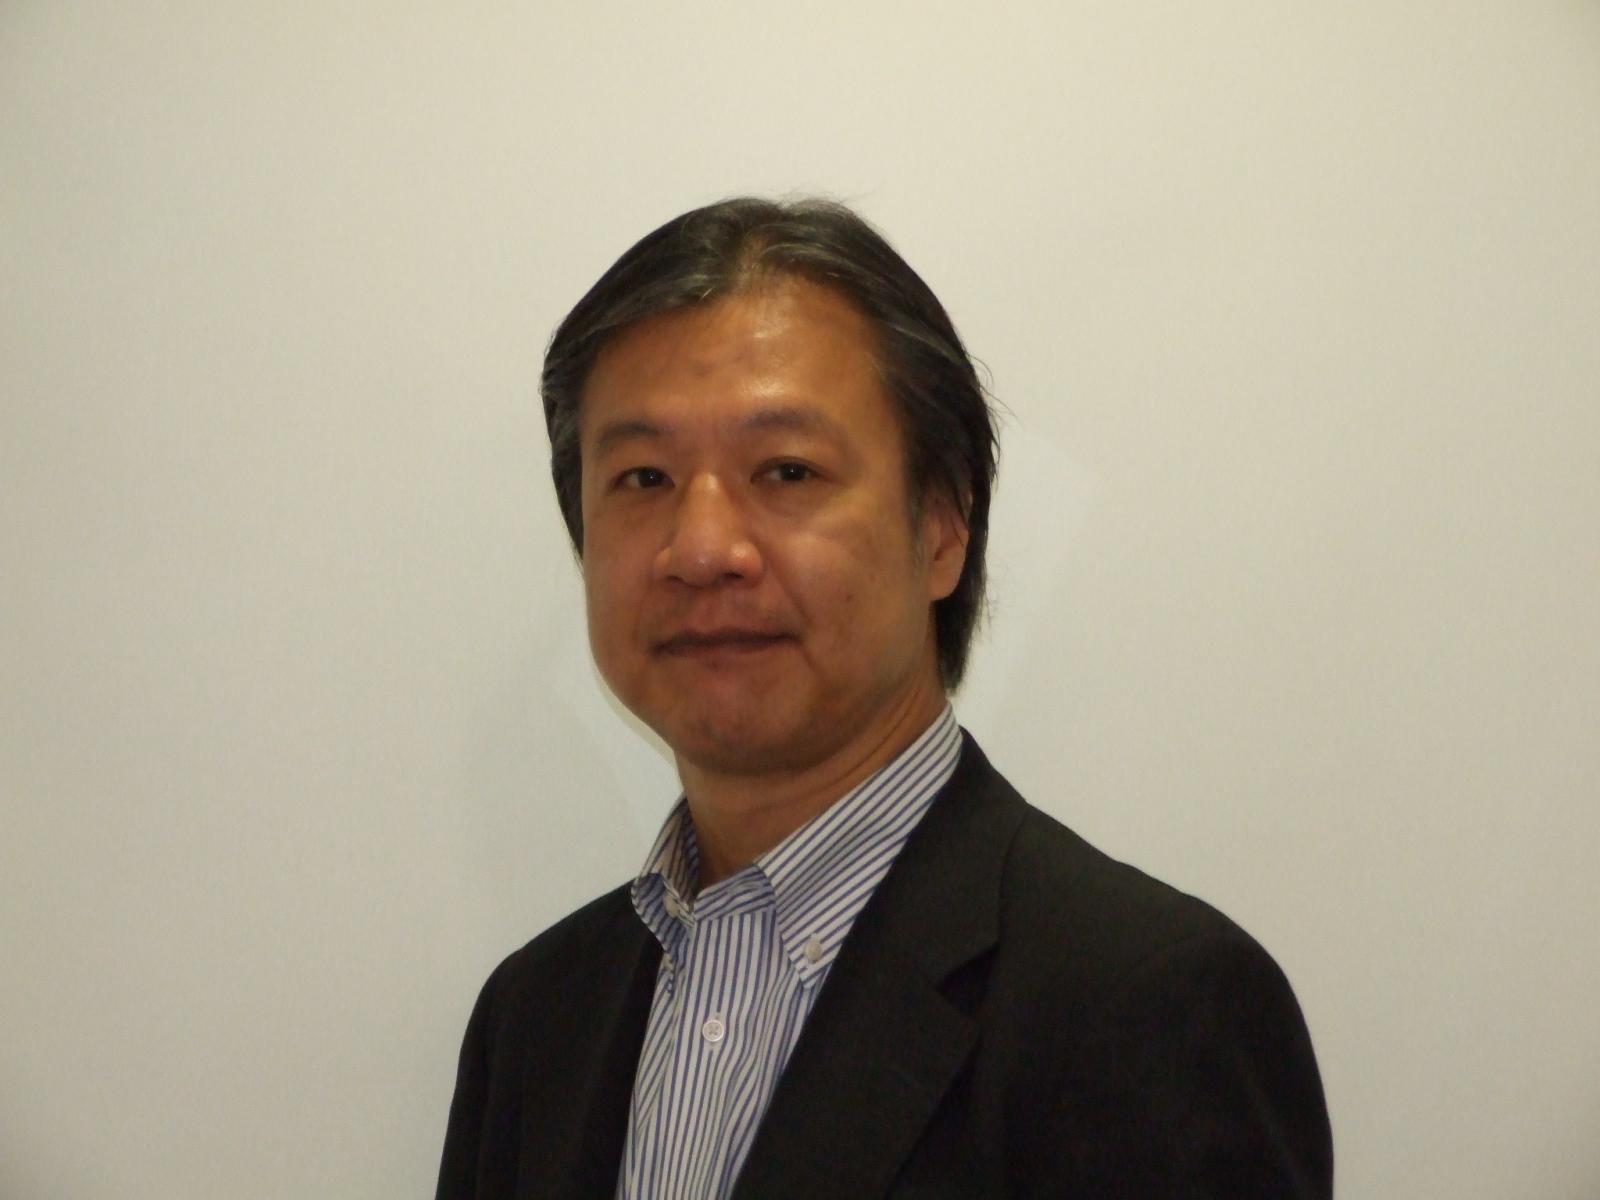 Mitsuru Maekawa